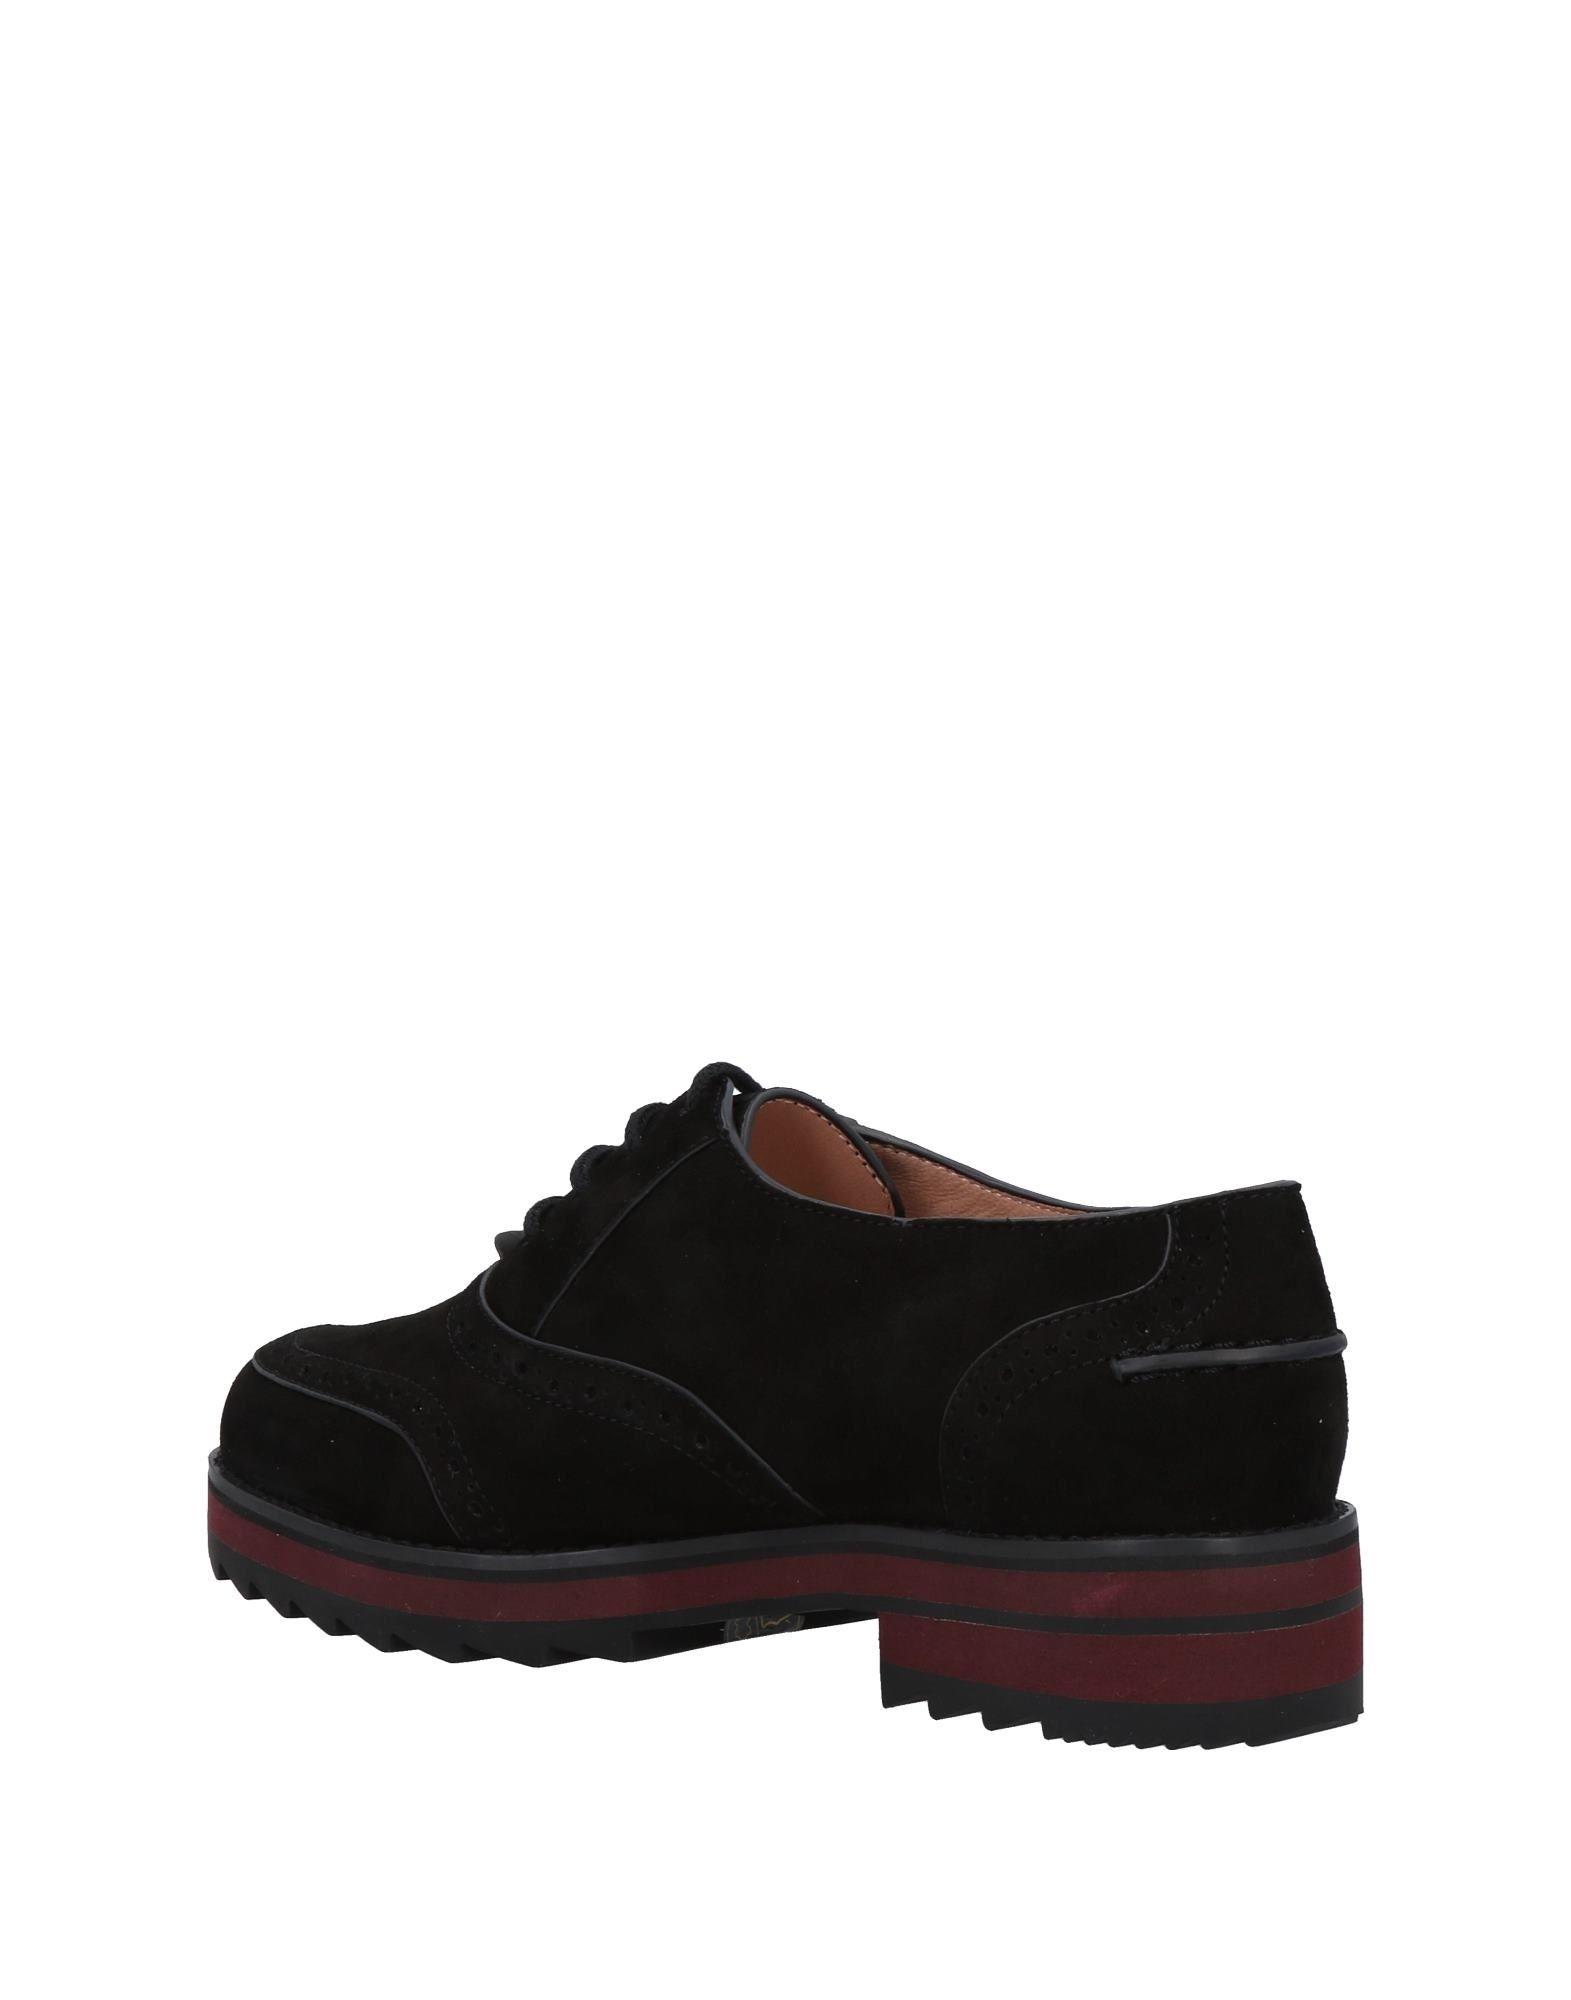 Stilvolle billige Schuhe Jil Sander Navy Schnürschuhe Damen  11491525UM